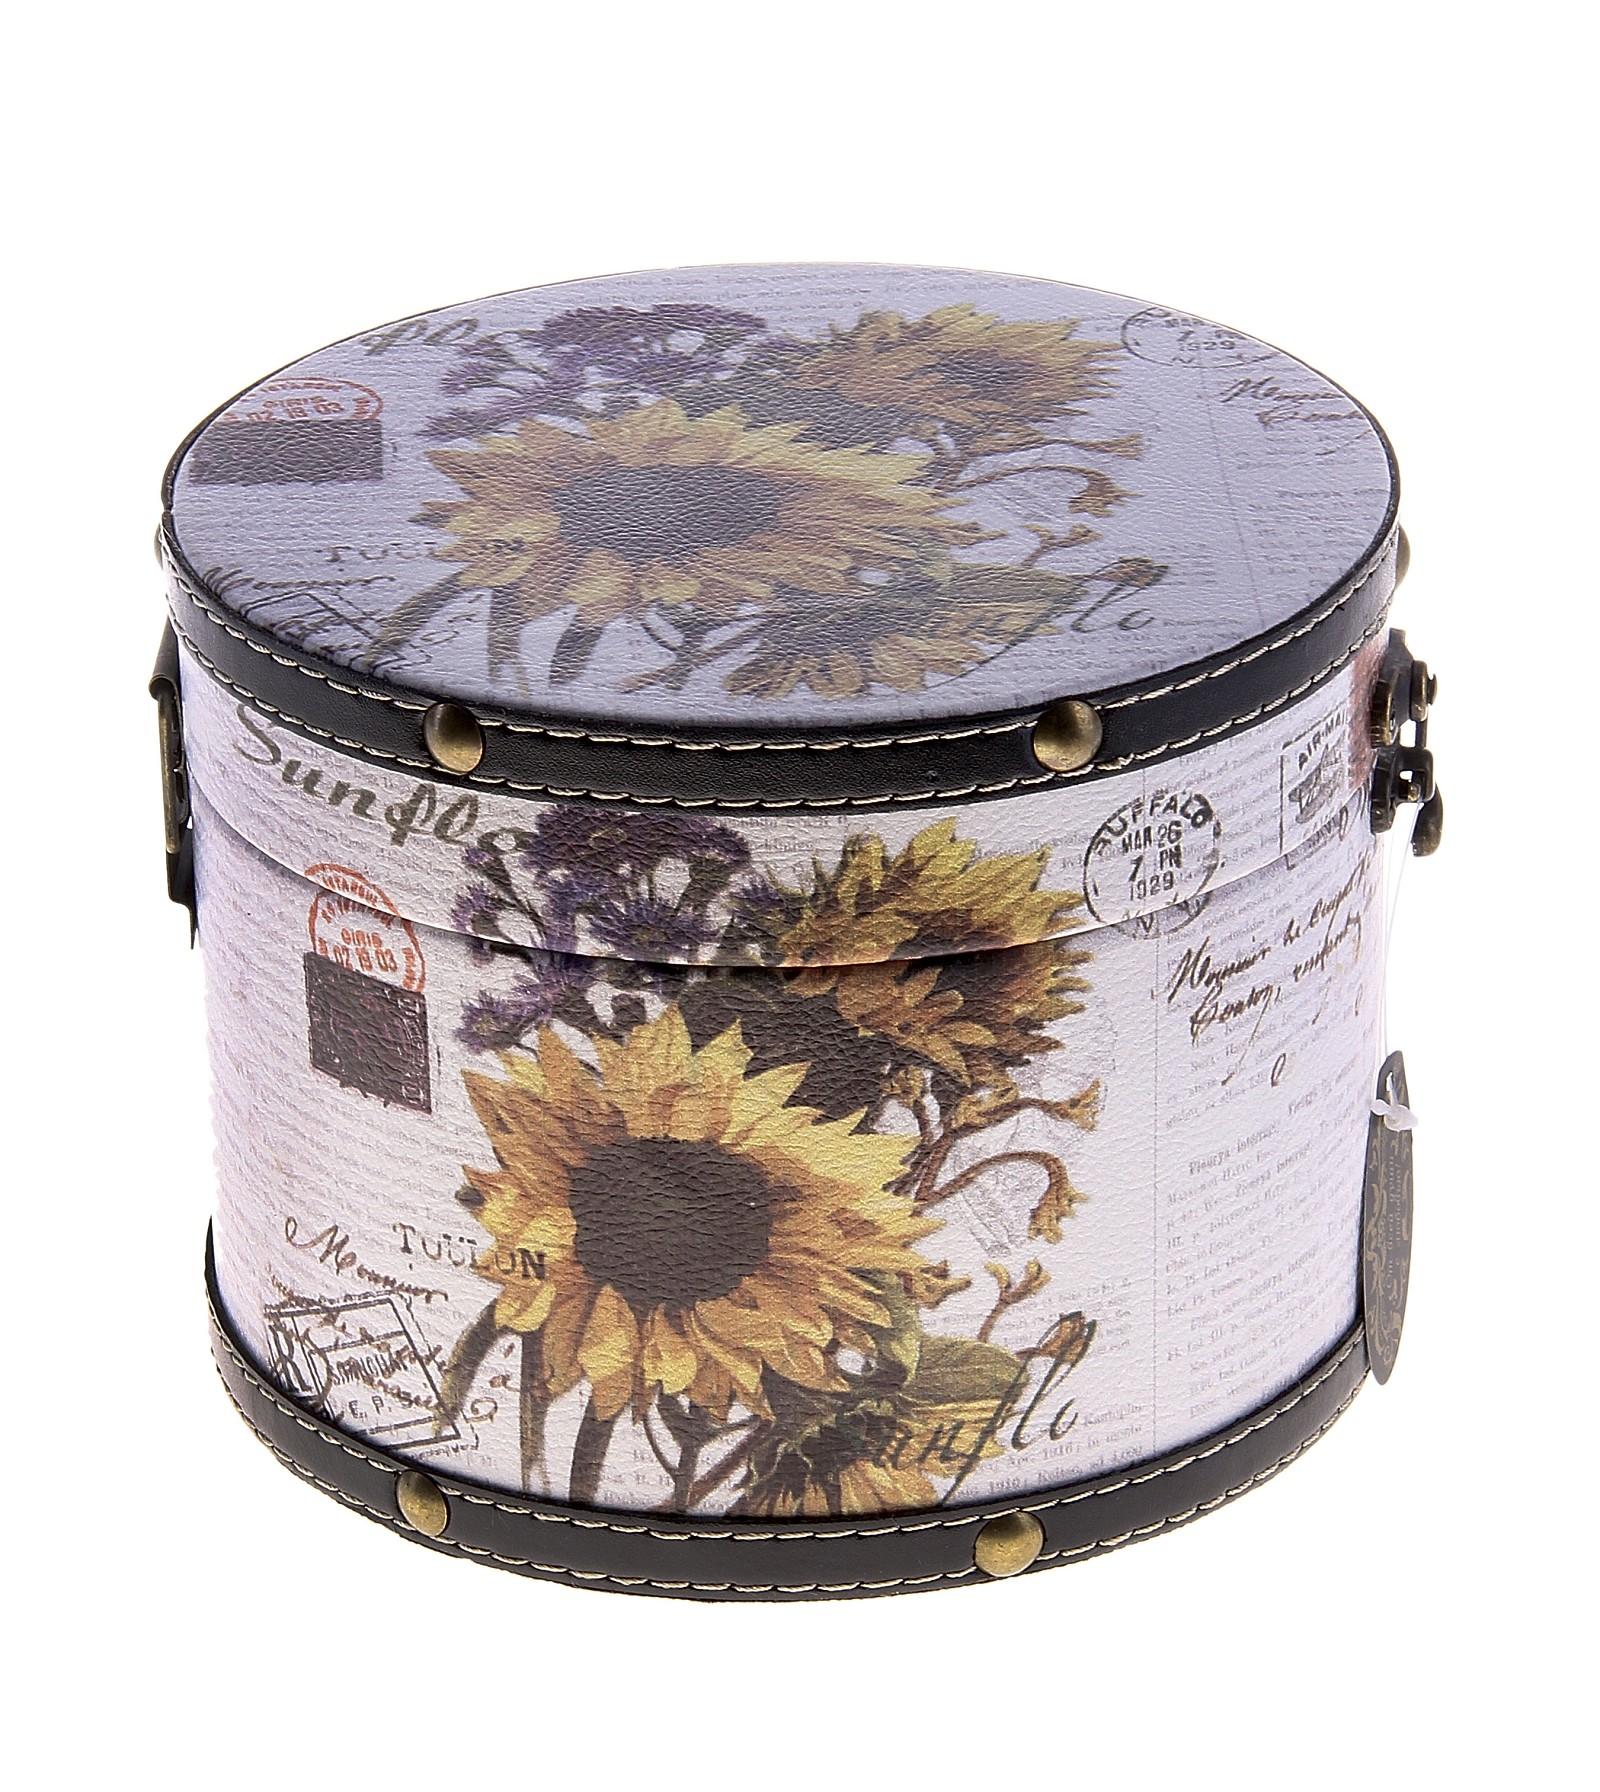 Шкатулка круглая Букет с подсолнухом 17,5 см х 17,5 см х 13 см682473Шкатулка Букет с подсолнухом изготовлена из дерева. Оригинальное оформление шкатулки, несомненно, привлечет внимание. Она имеет круглую форму и декорирована изображением подсолнухов. Шкатулка закрывается на крепкий металлический замочек. Такая шкатулка может использоваться для хранения бижутерии, в качестве украшения интерьера, а также послужит хорошим подарком для человека, ценящего практичные и оригинальные вещицы.